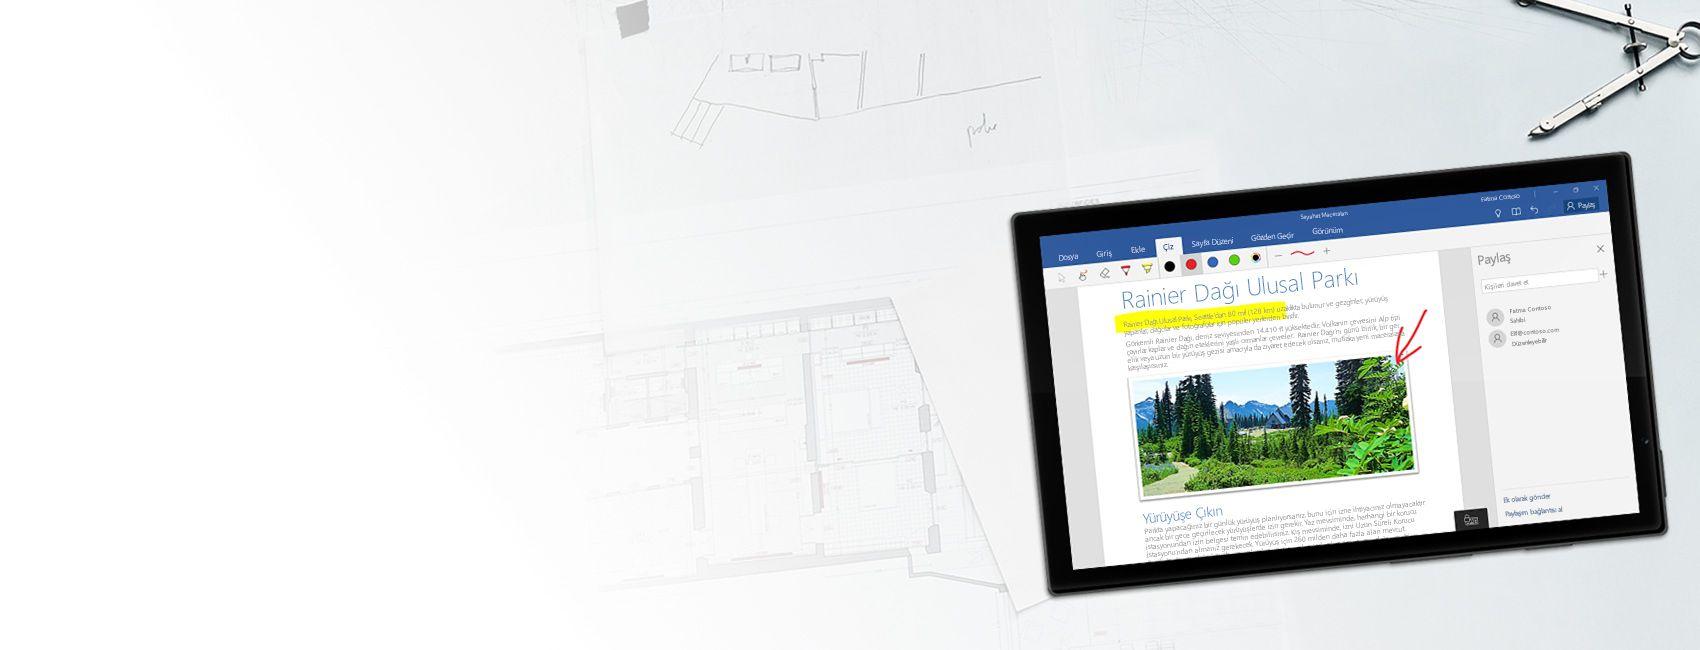 Windows 10 Mobile için Word'de Mount Rainier Ulusal Parkı hakkında bir Word belgesi görüntülenen Windows tablet